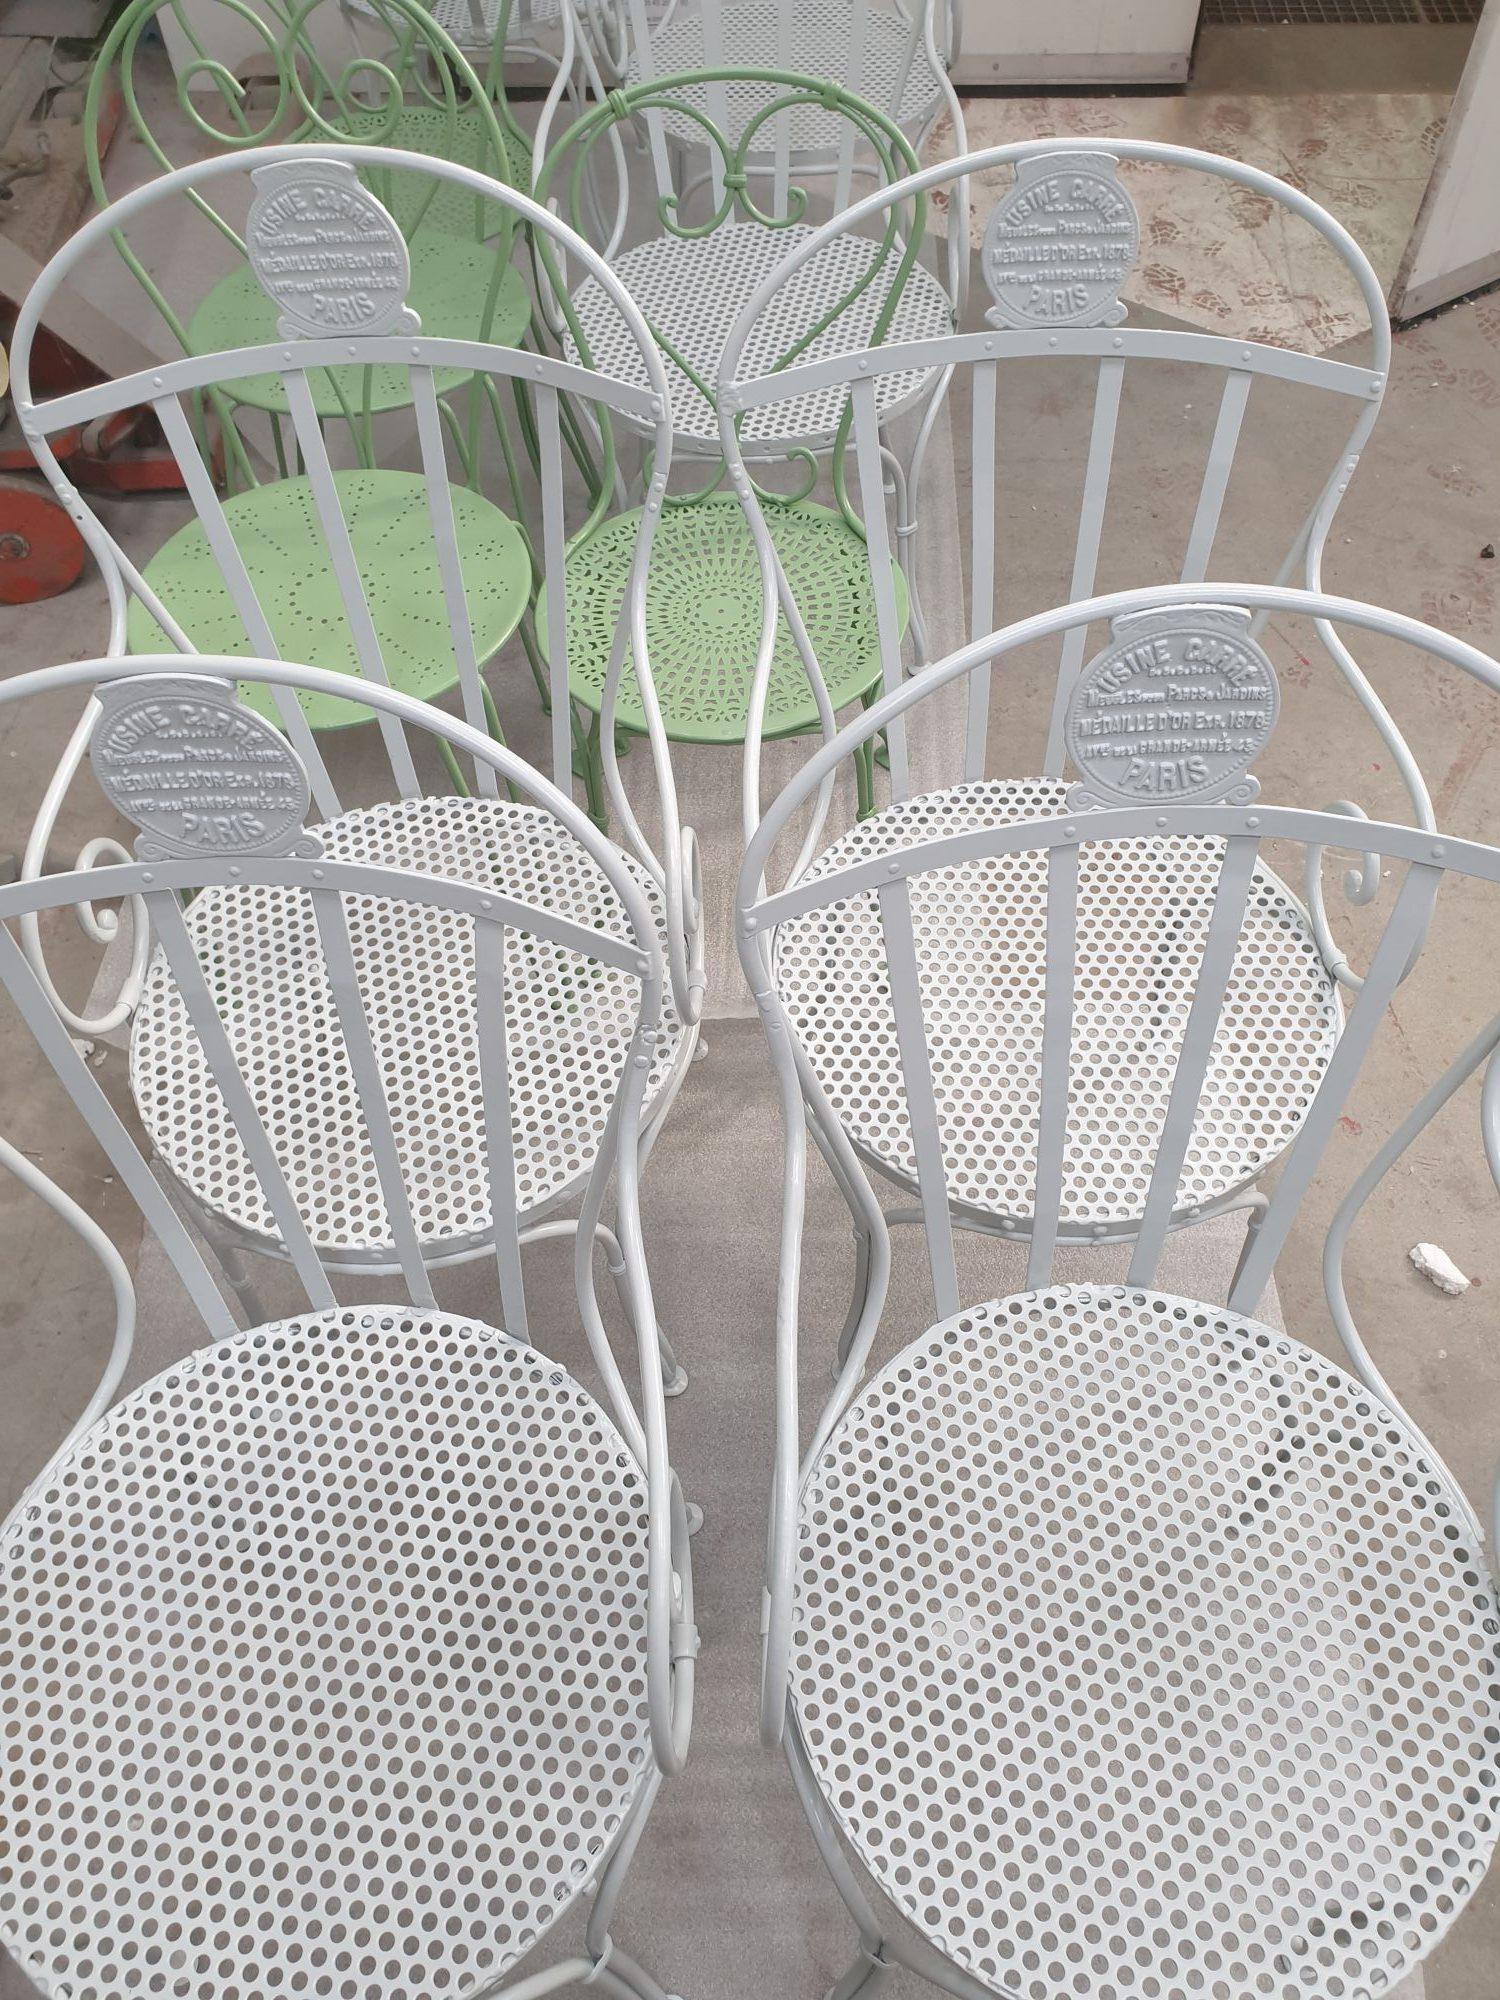 Restauration de mobilier extérieur en métal 79, 17, 85